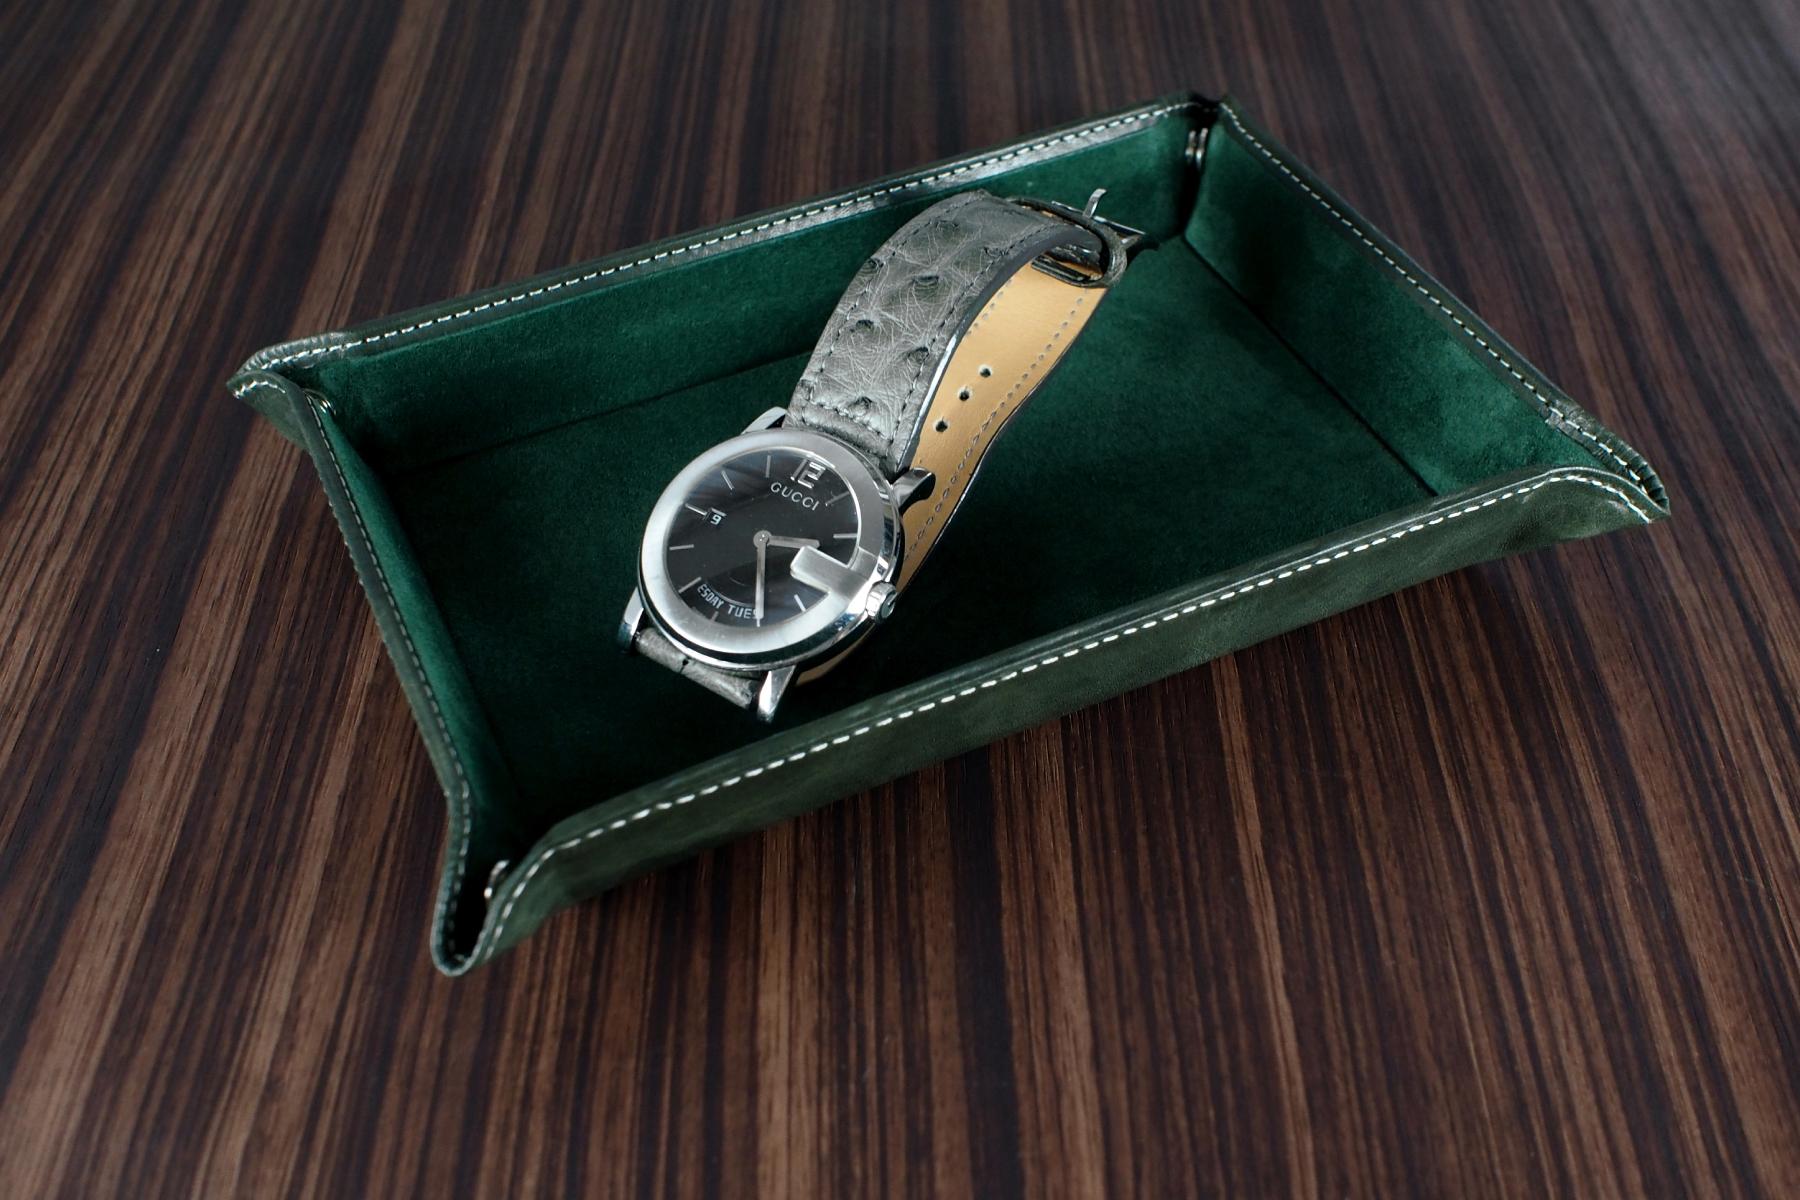 本革ウォッチトレー・古城フォレストグリーンに時計を置いた写真